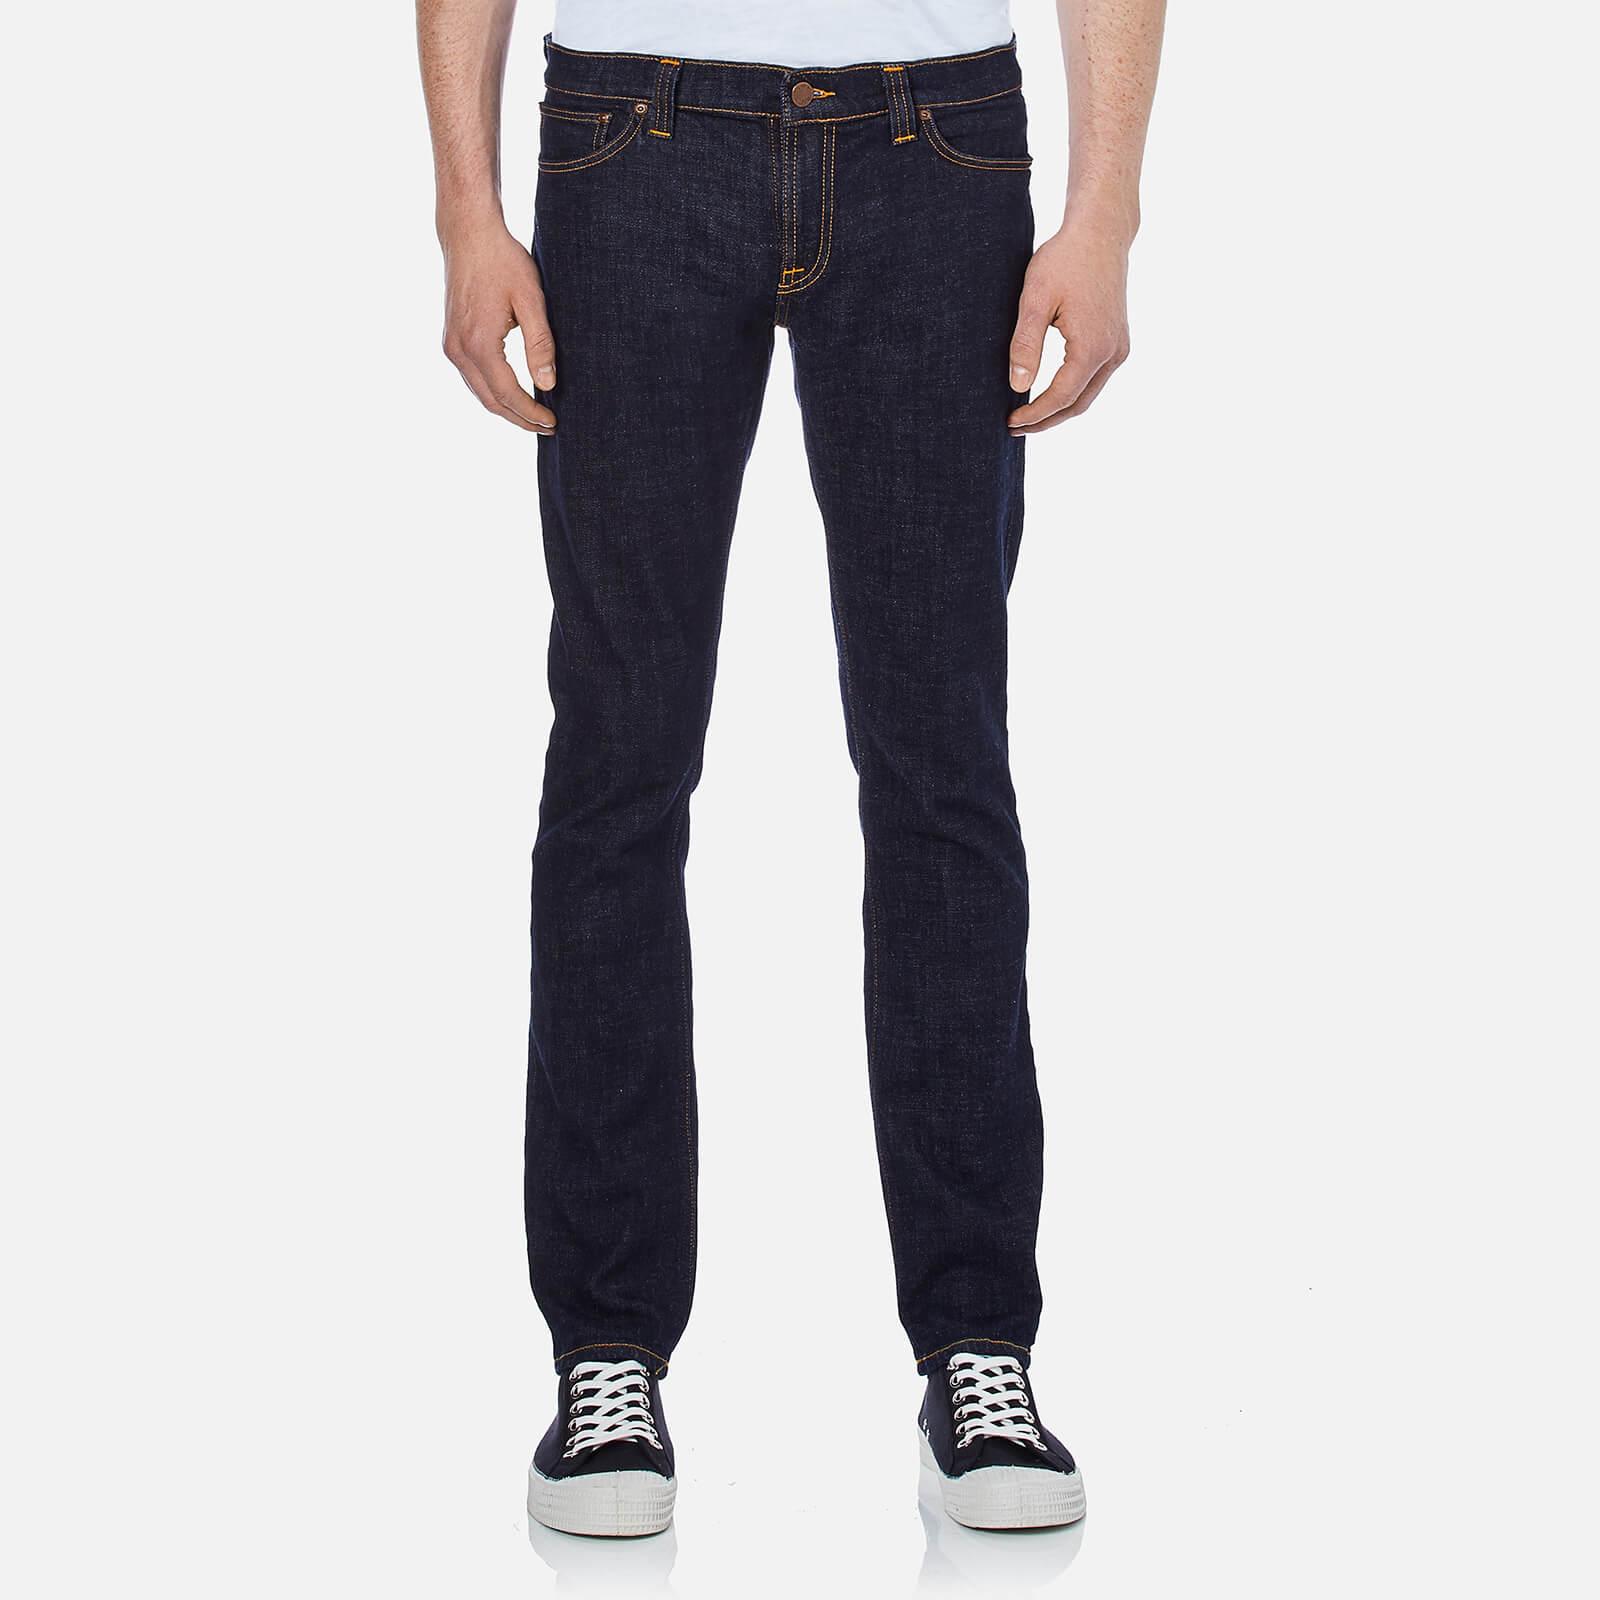 ad9525fbf3b2 Nudie Jeans Men s Long John Skinny Jeans - Twill Rinsed - Free UK ...